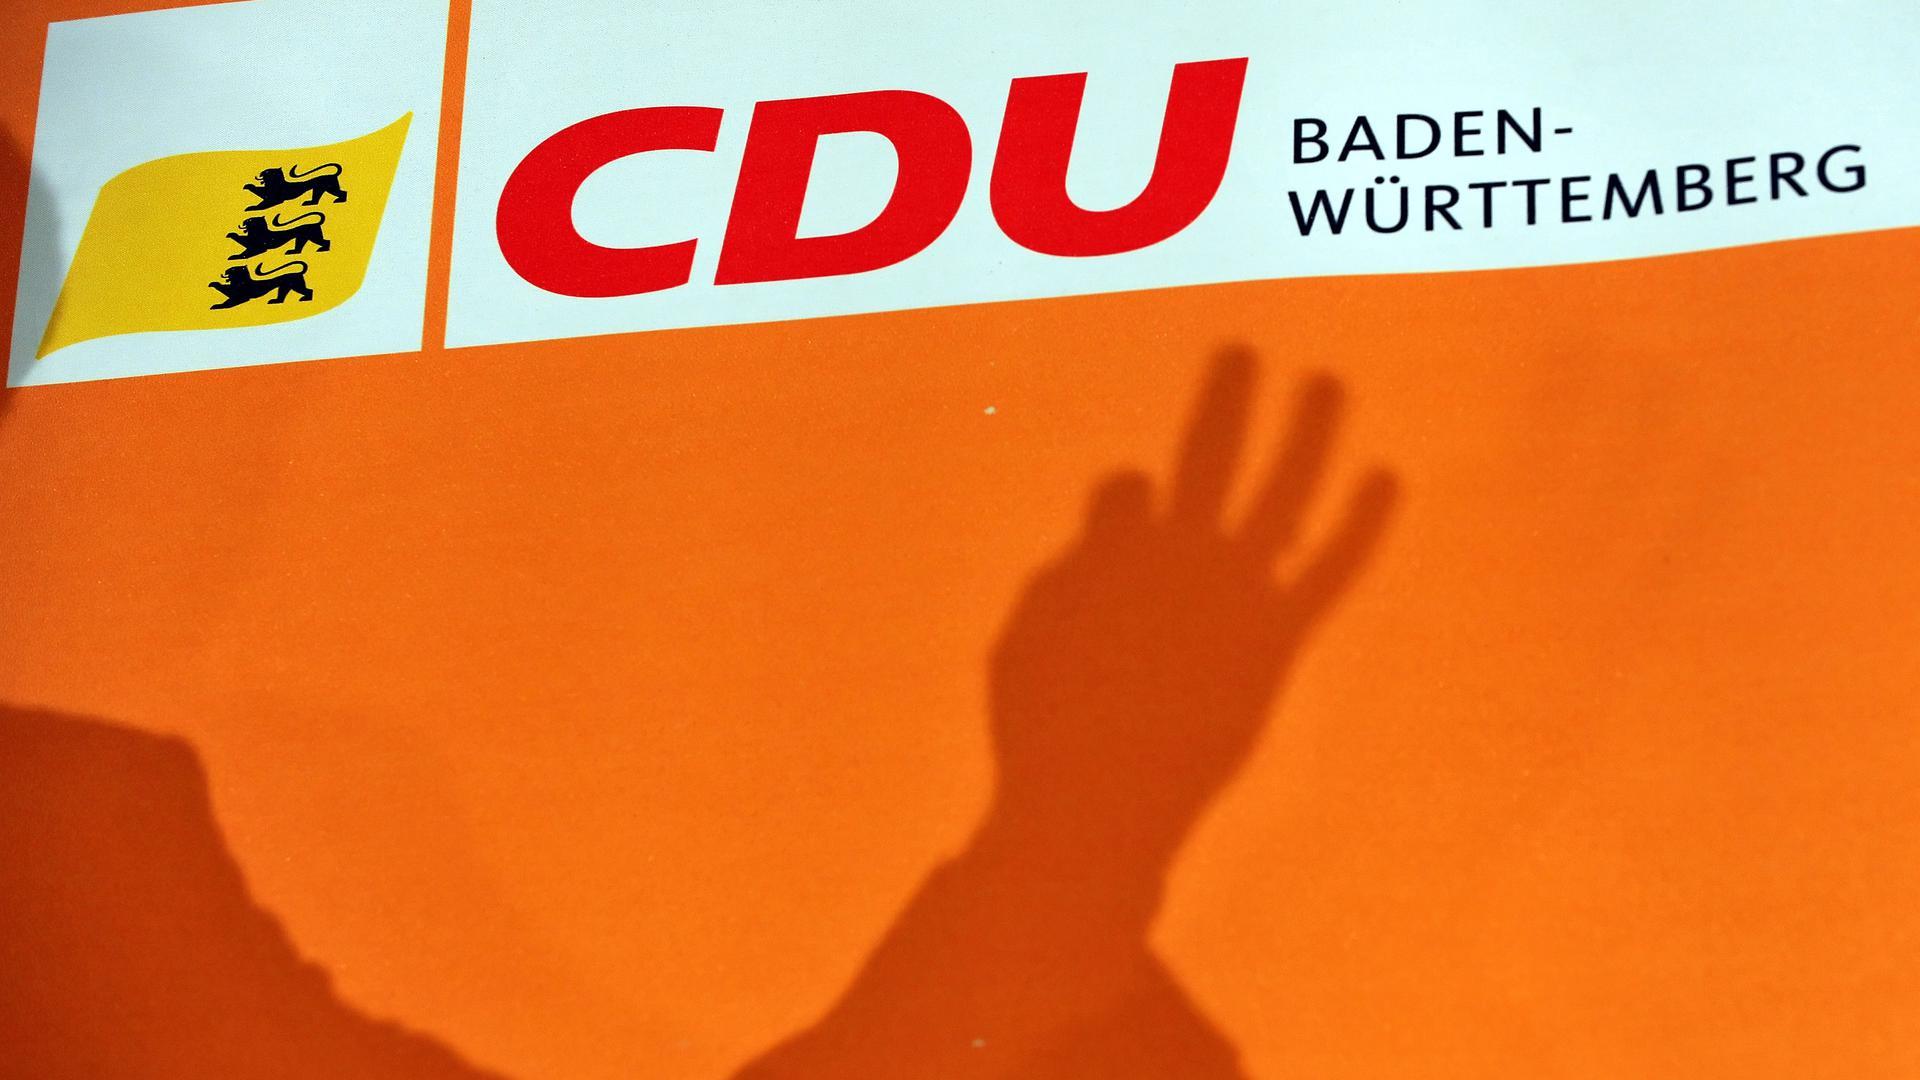 Der Schatten einer Hand über dem Parteilogo der CDU Baden-Württemberg